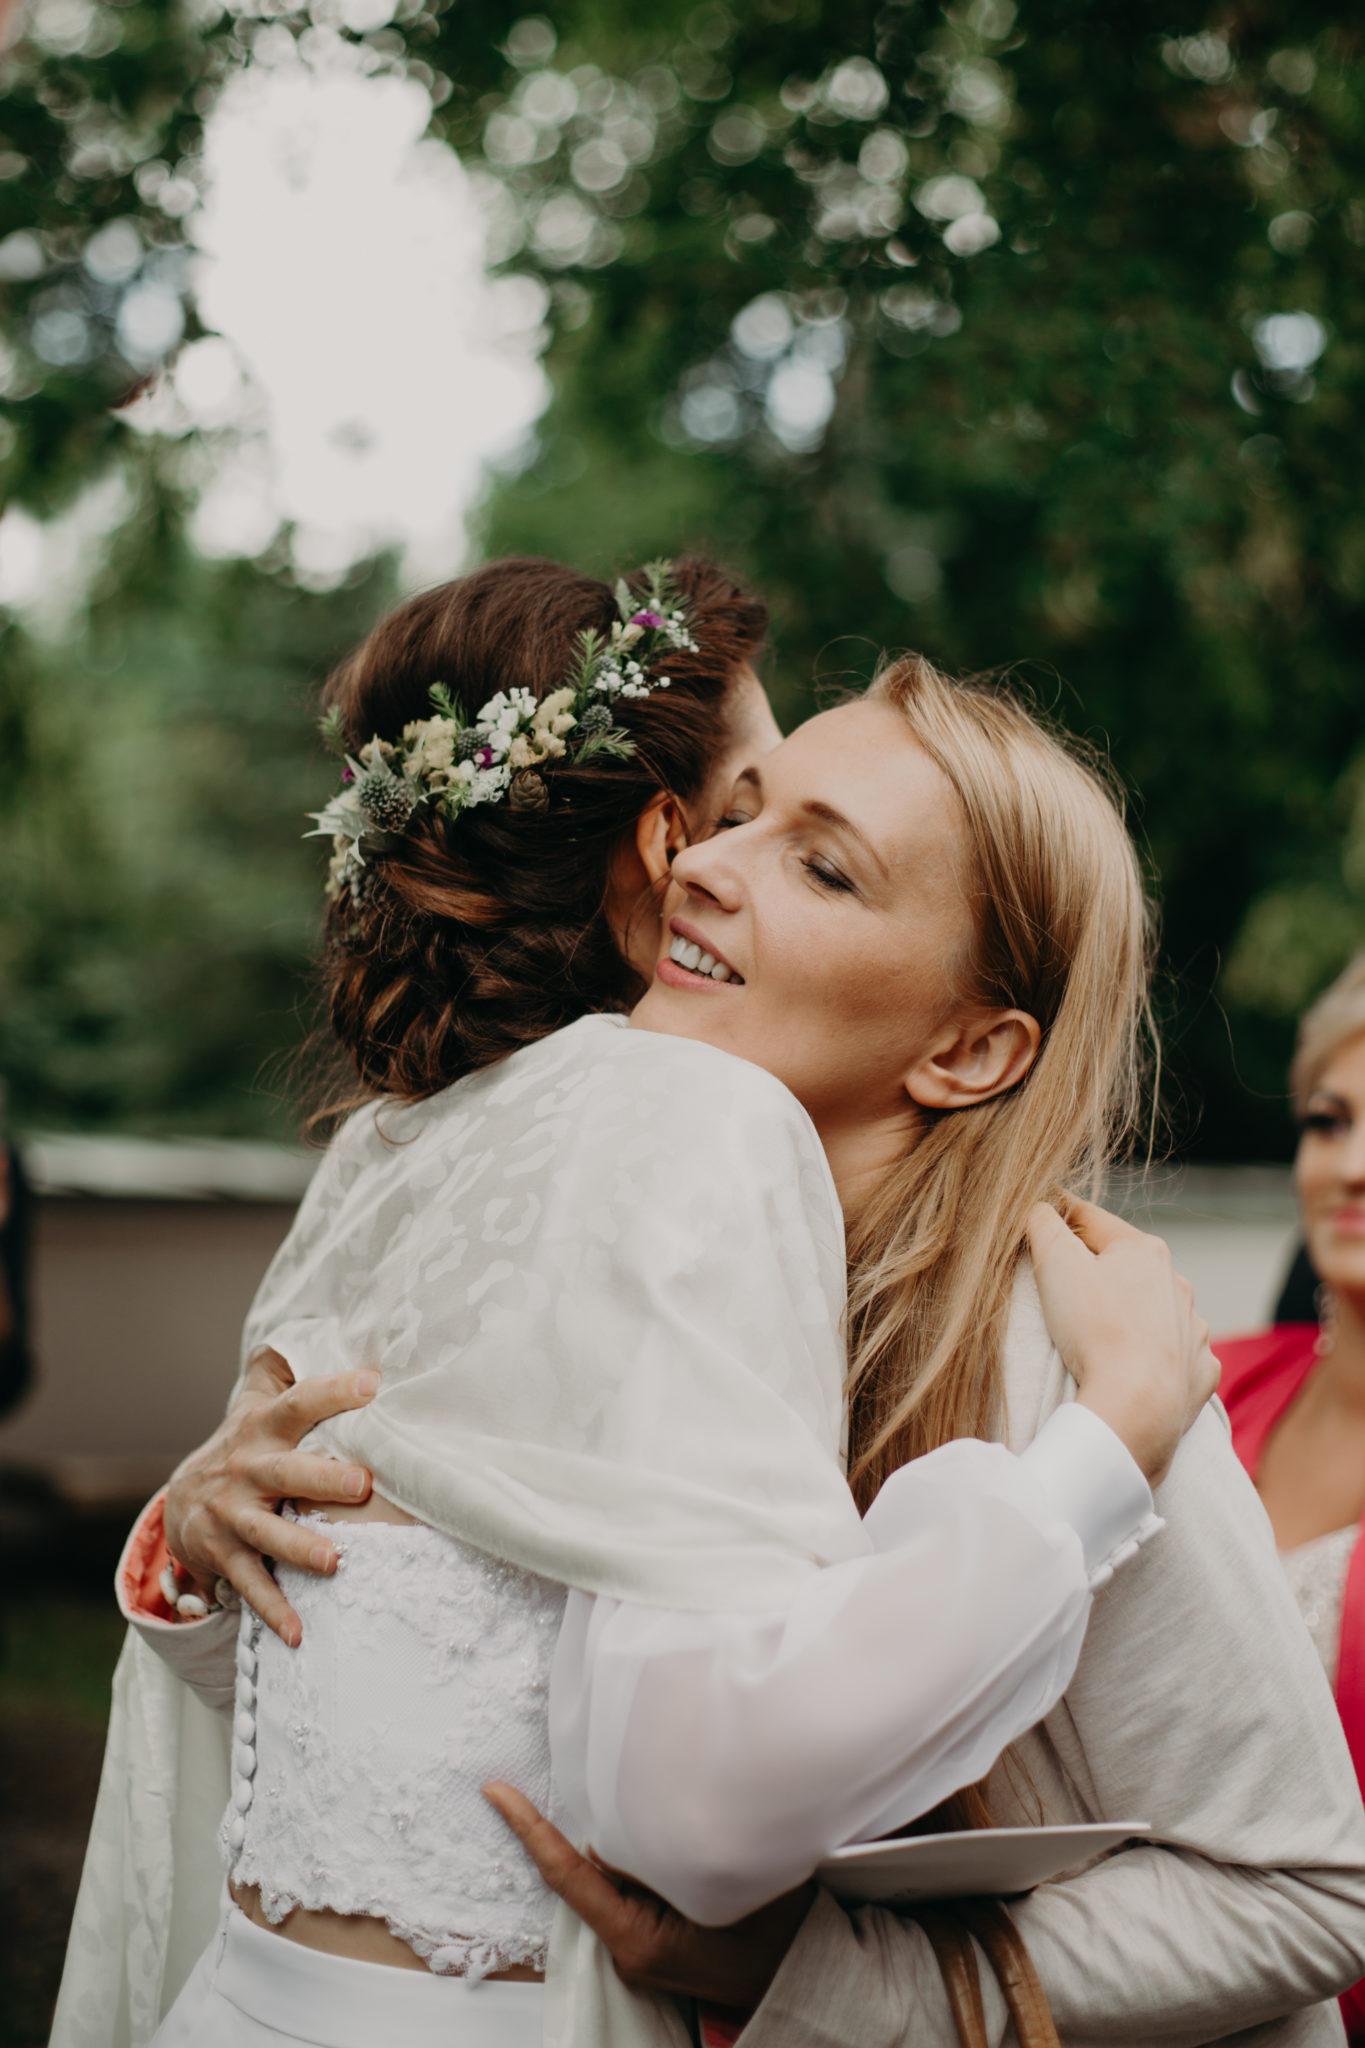 gosia i kuba72 - fotografiagk Fotografia ślubna RK wedding